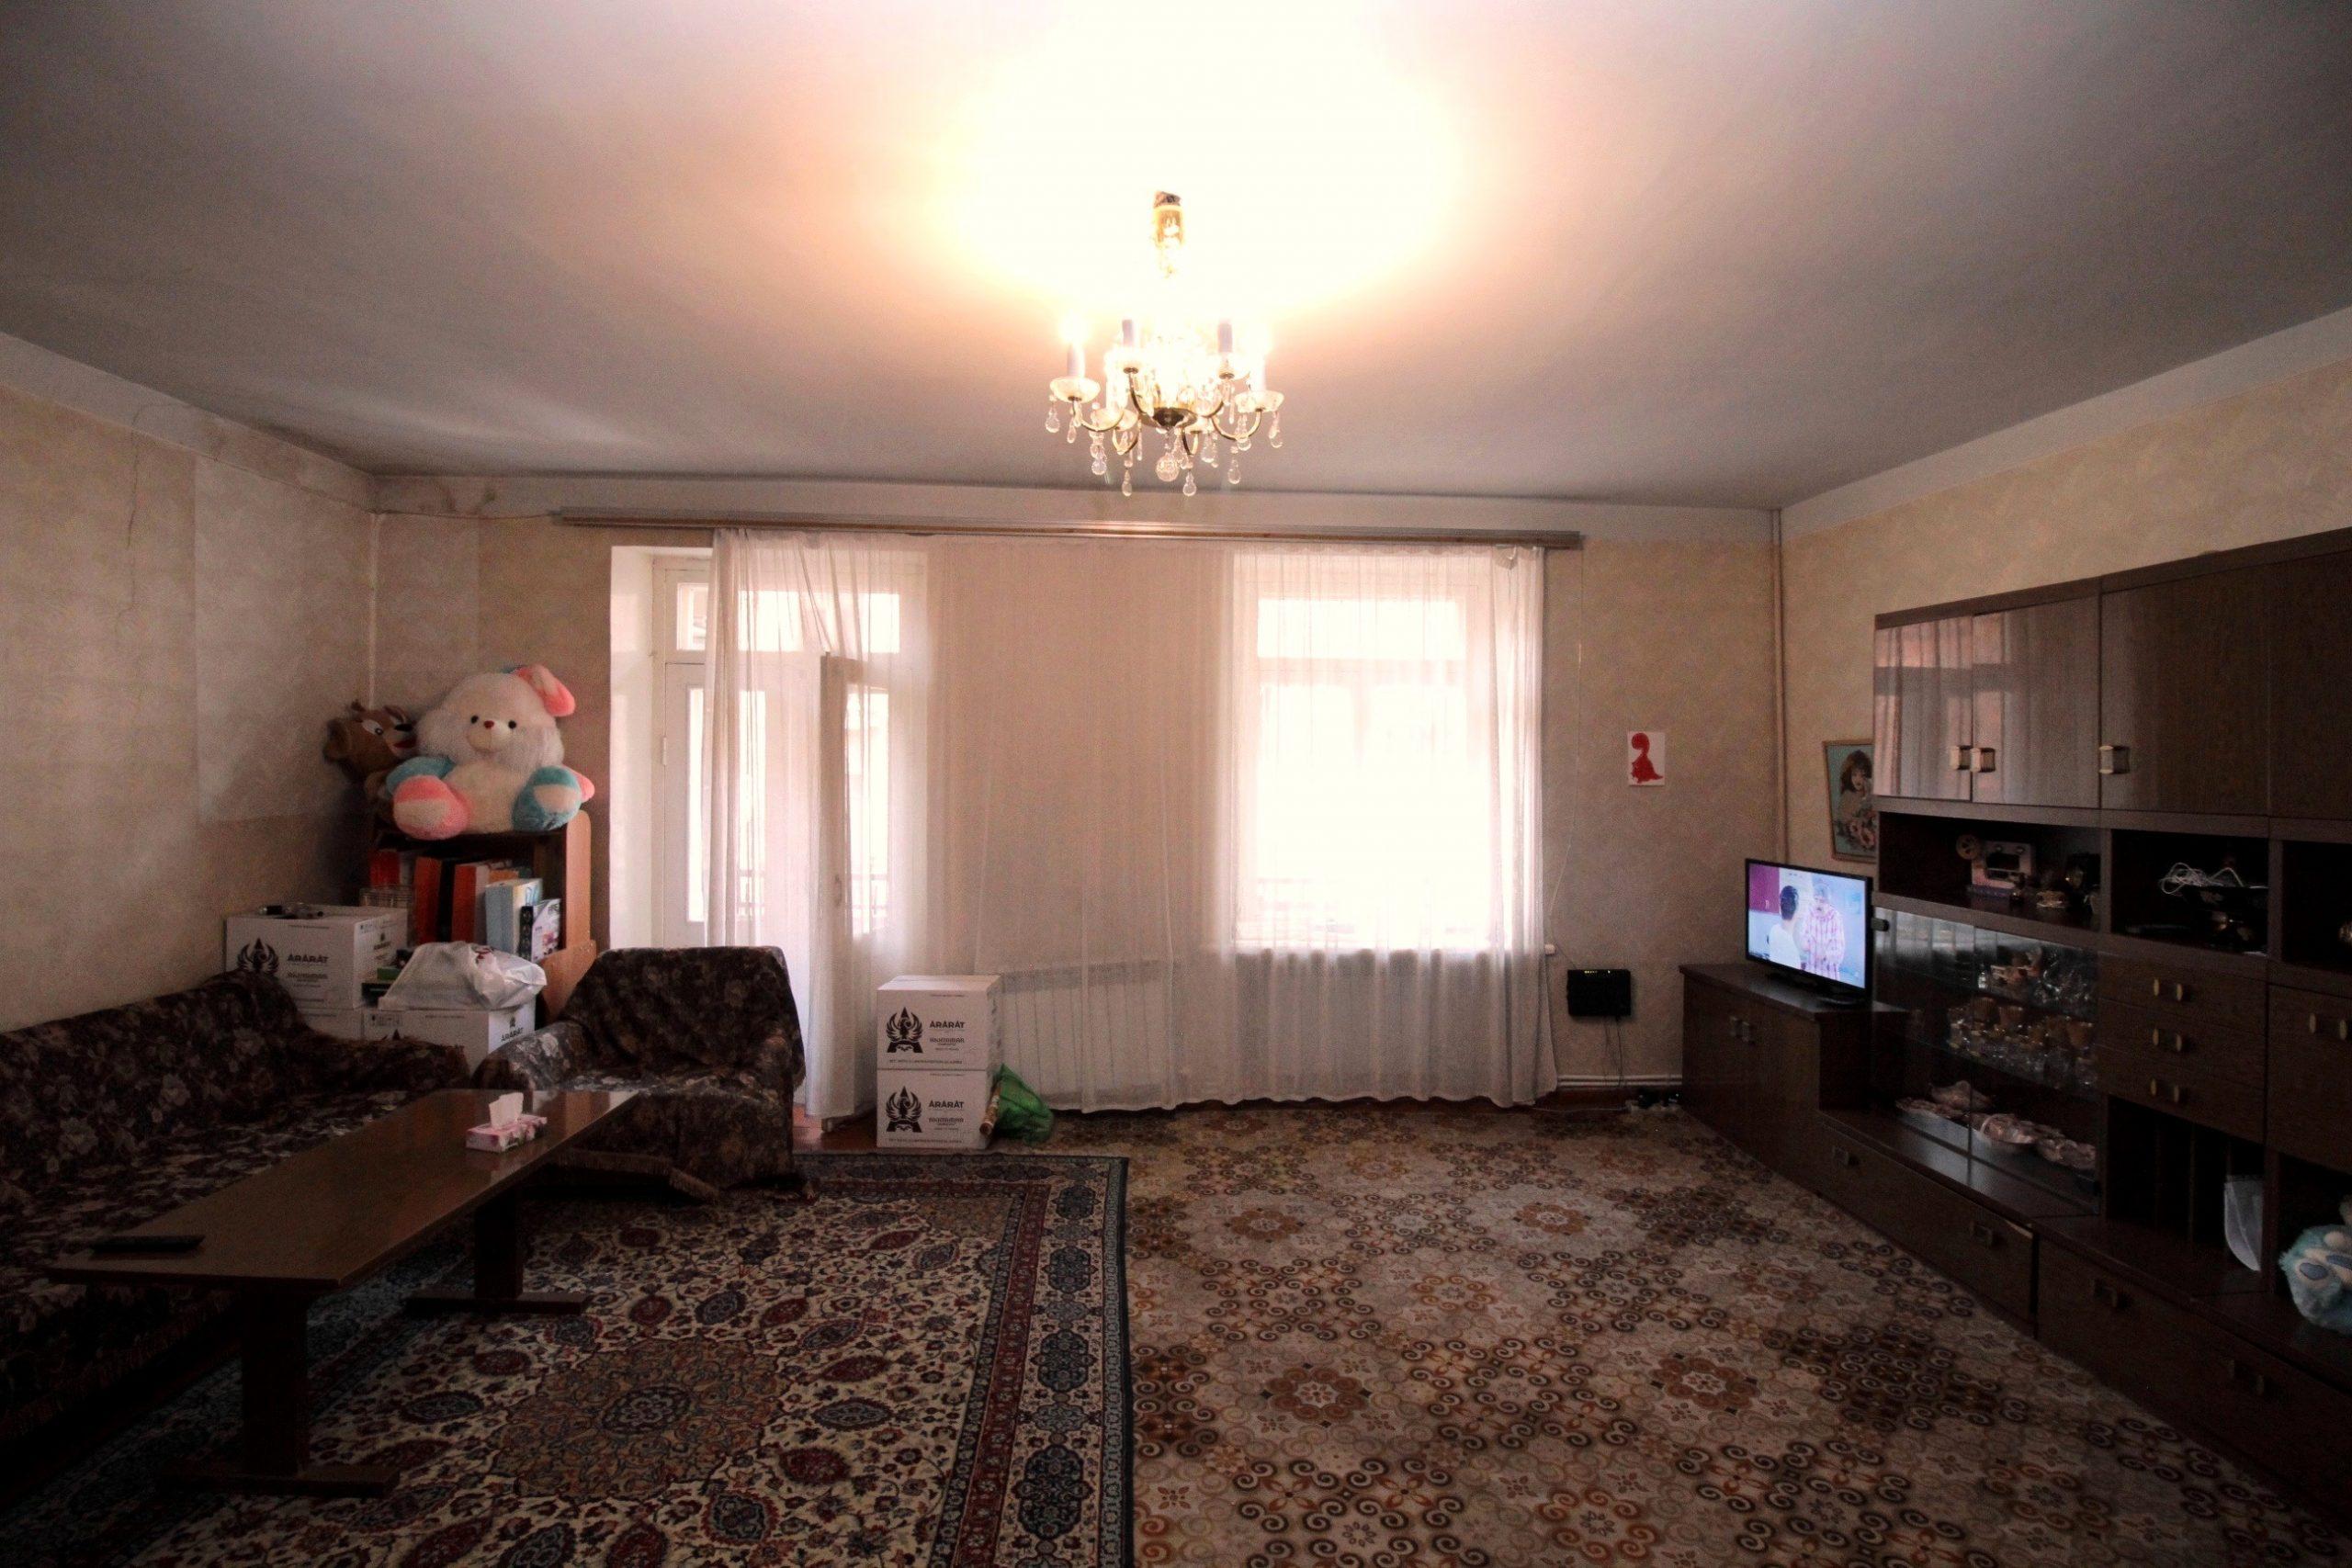 Բնակարան Մեսրոպ Մաշտոցի պողոտայում, Օպերայի հարևանությամբ